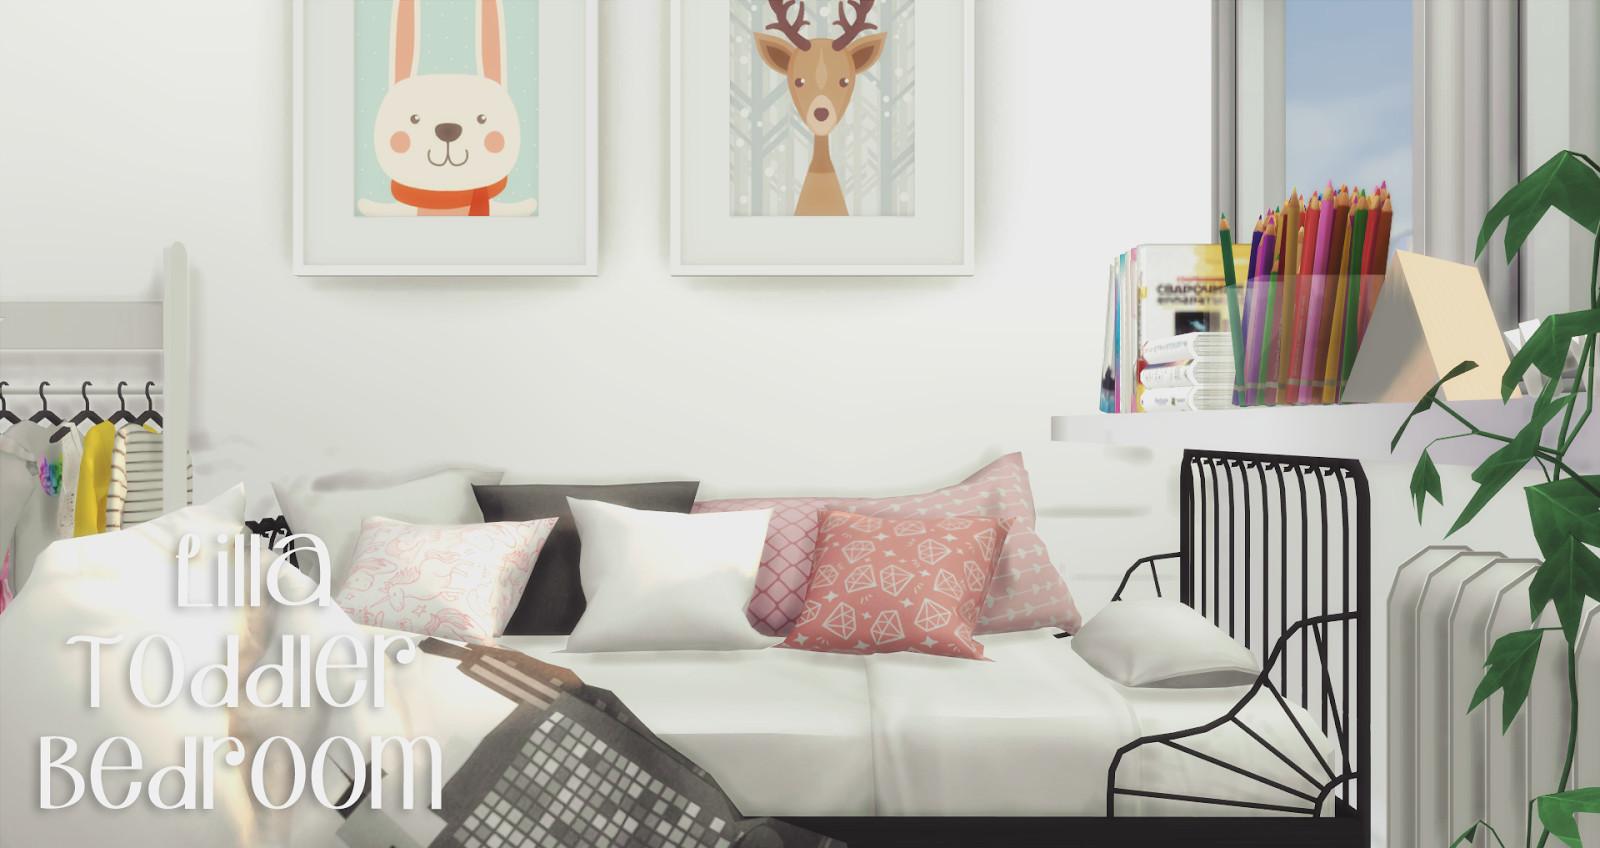 Toddlers Bedroom Furniture Set New Lilla toddler Bedroom New Set